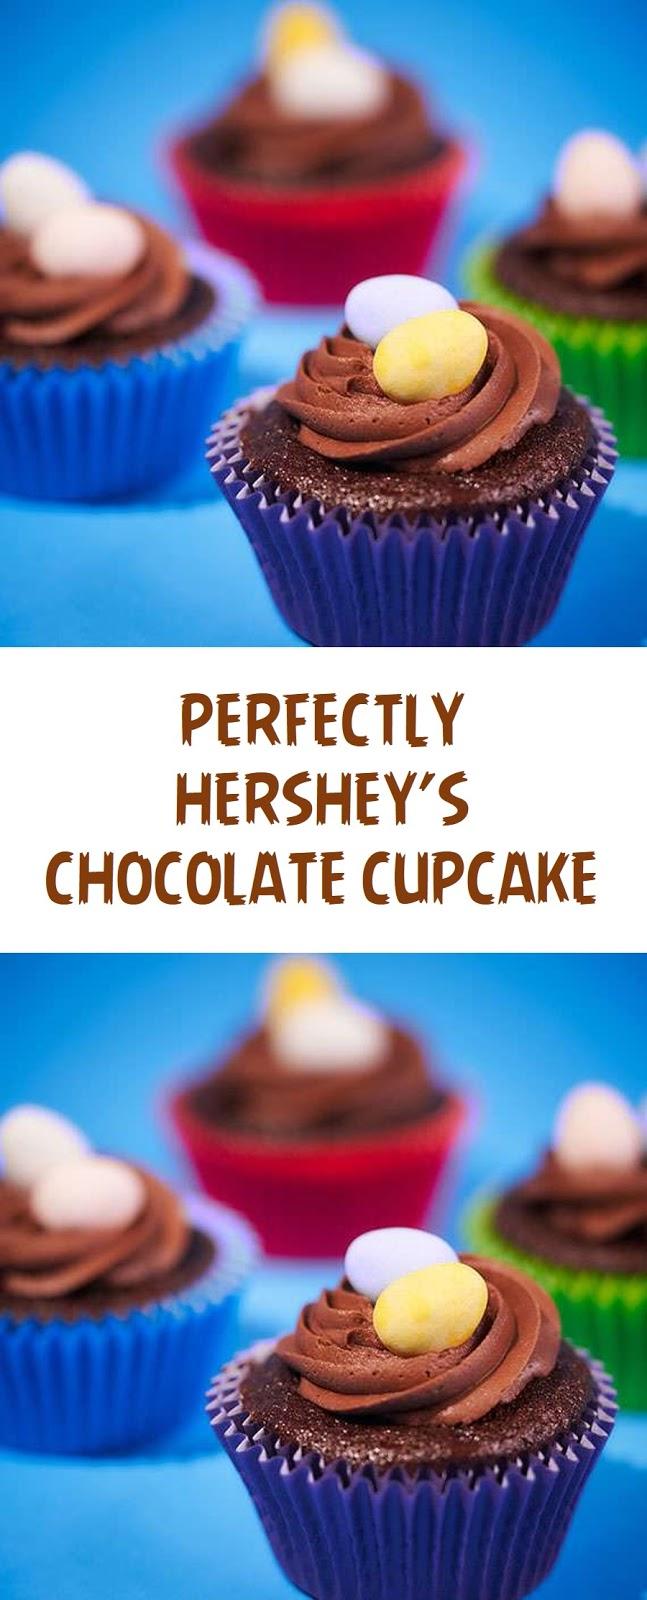 Hershey's Chocolate Cupcake